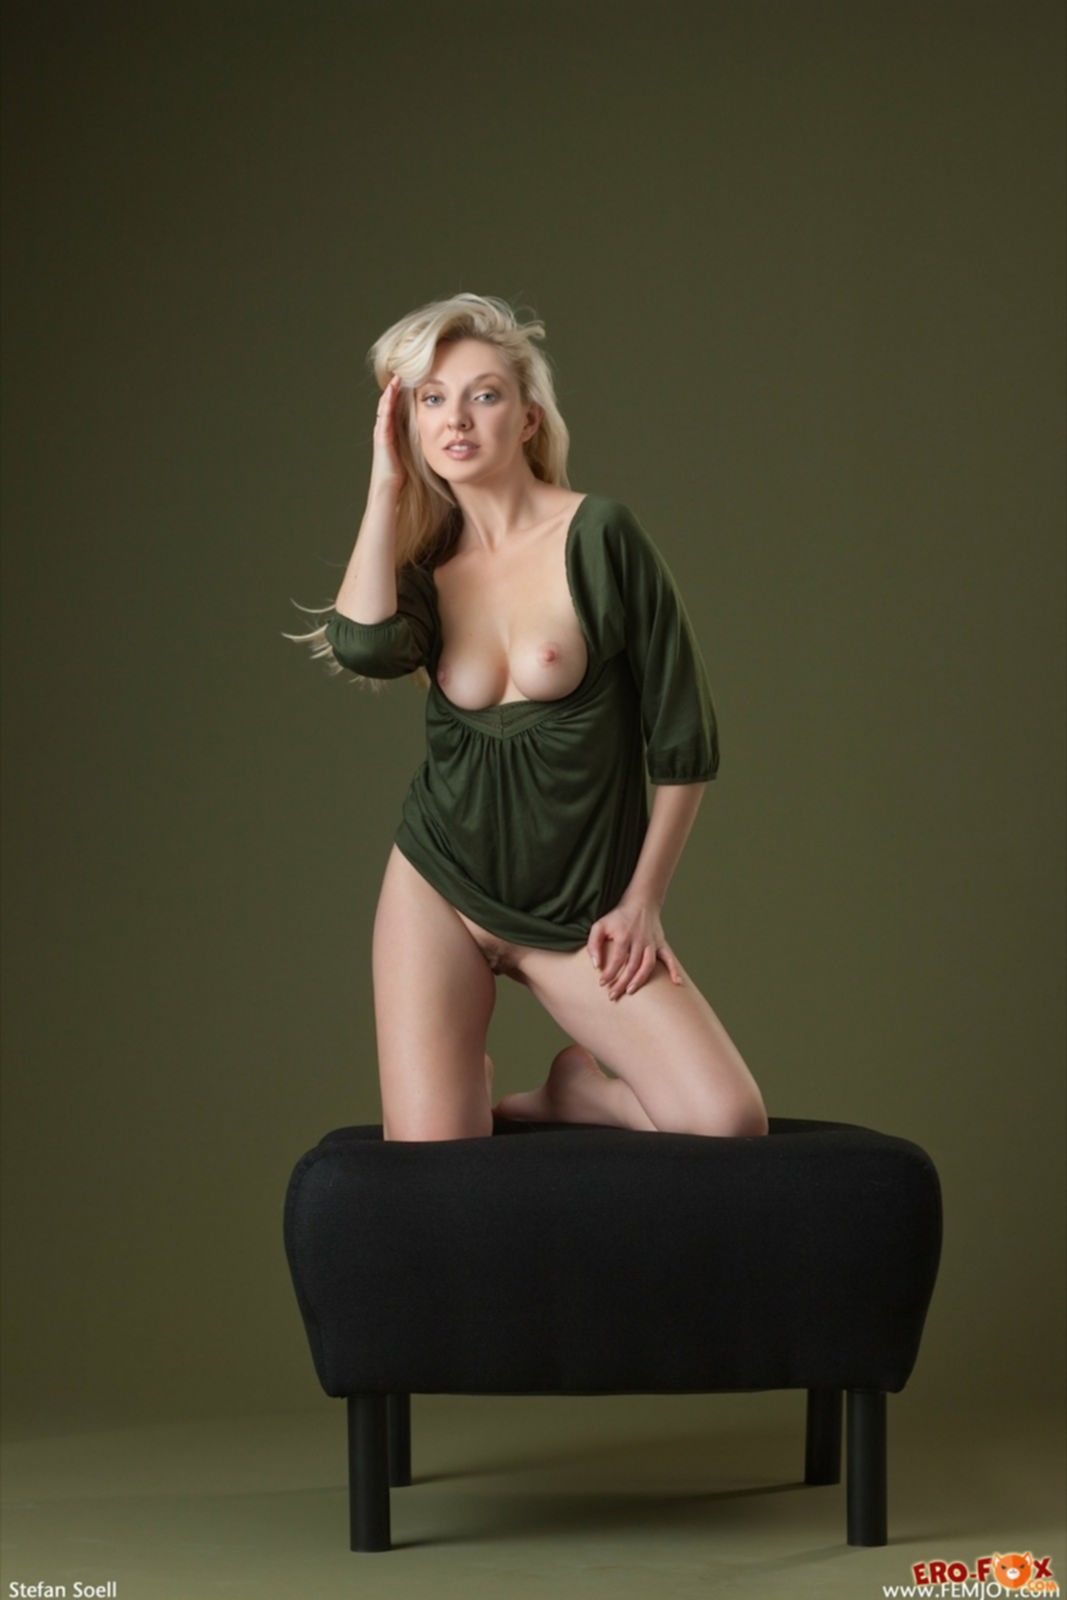 Белокурая модель с красивым телом красуется на пуфике - фото